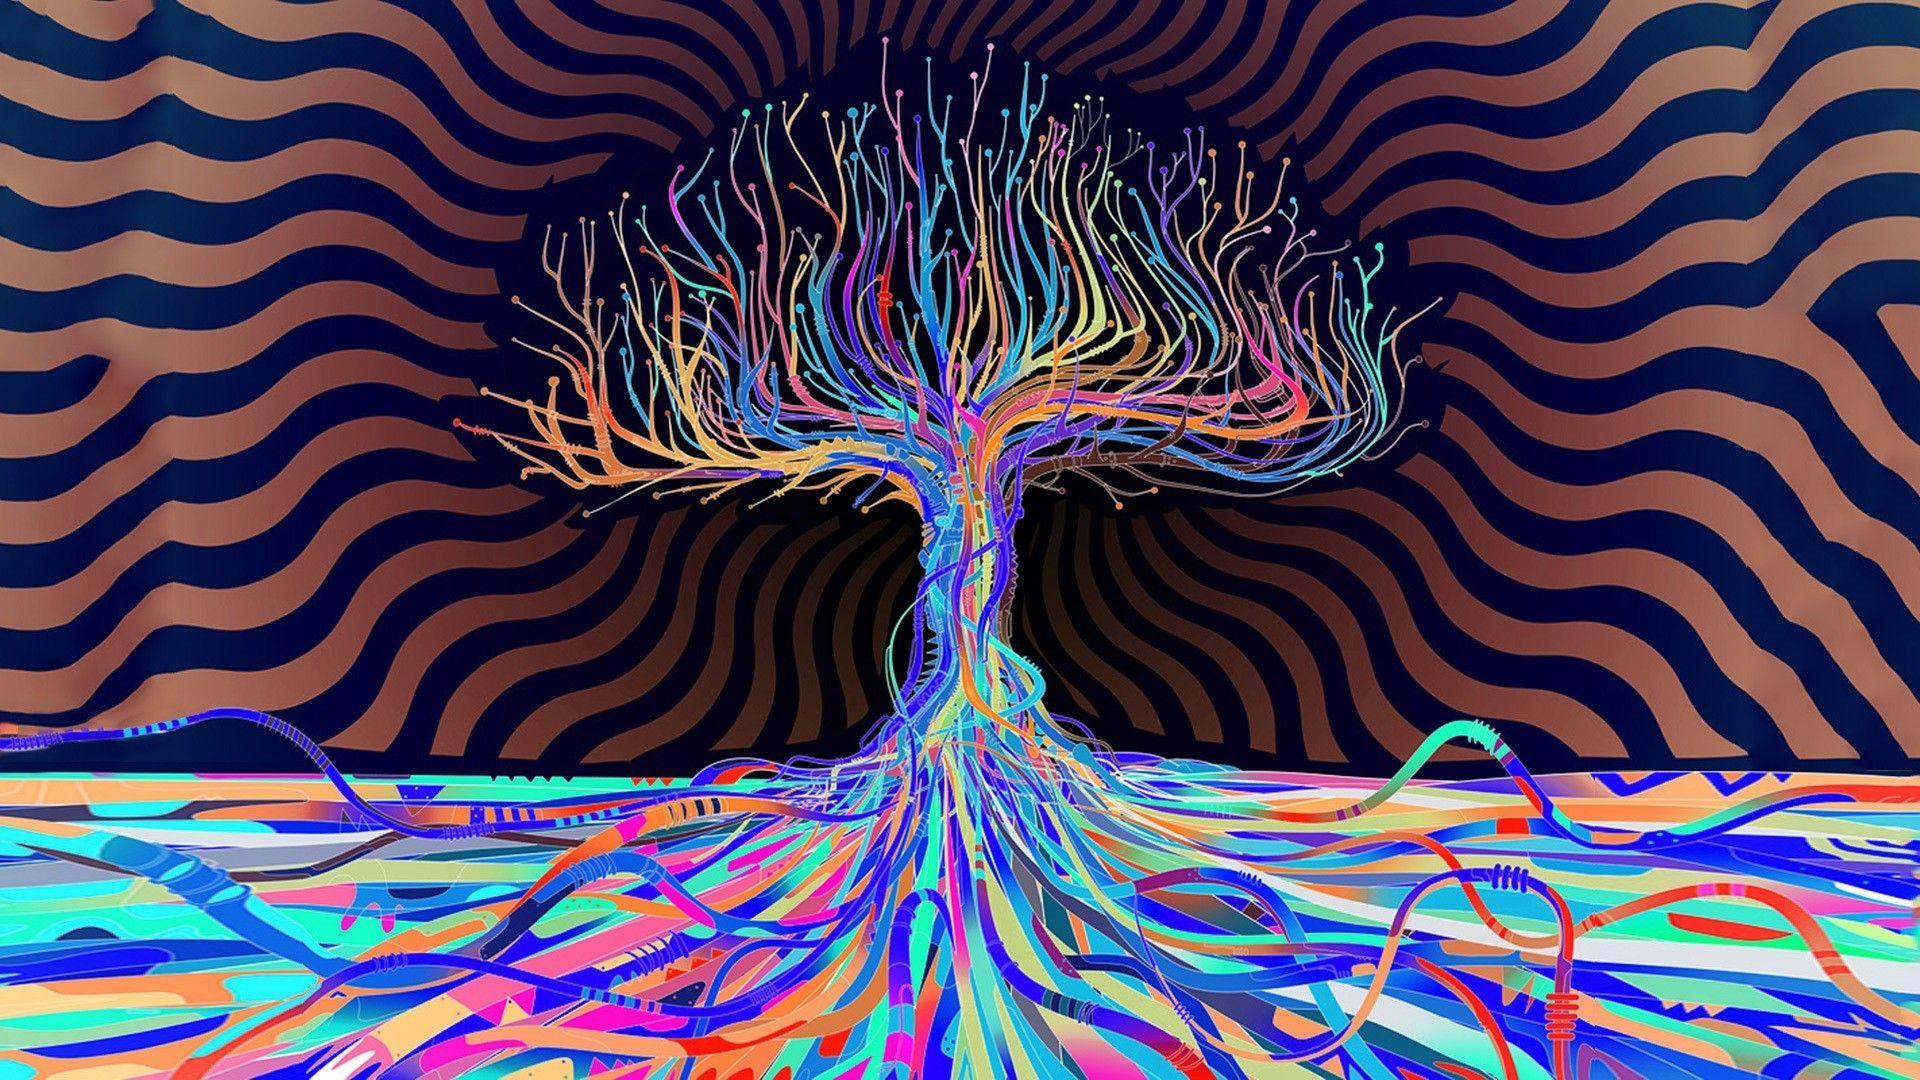 Acid Trip Wallpapers Gallery